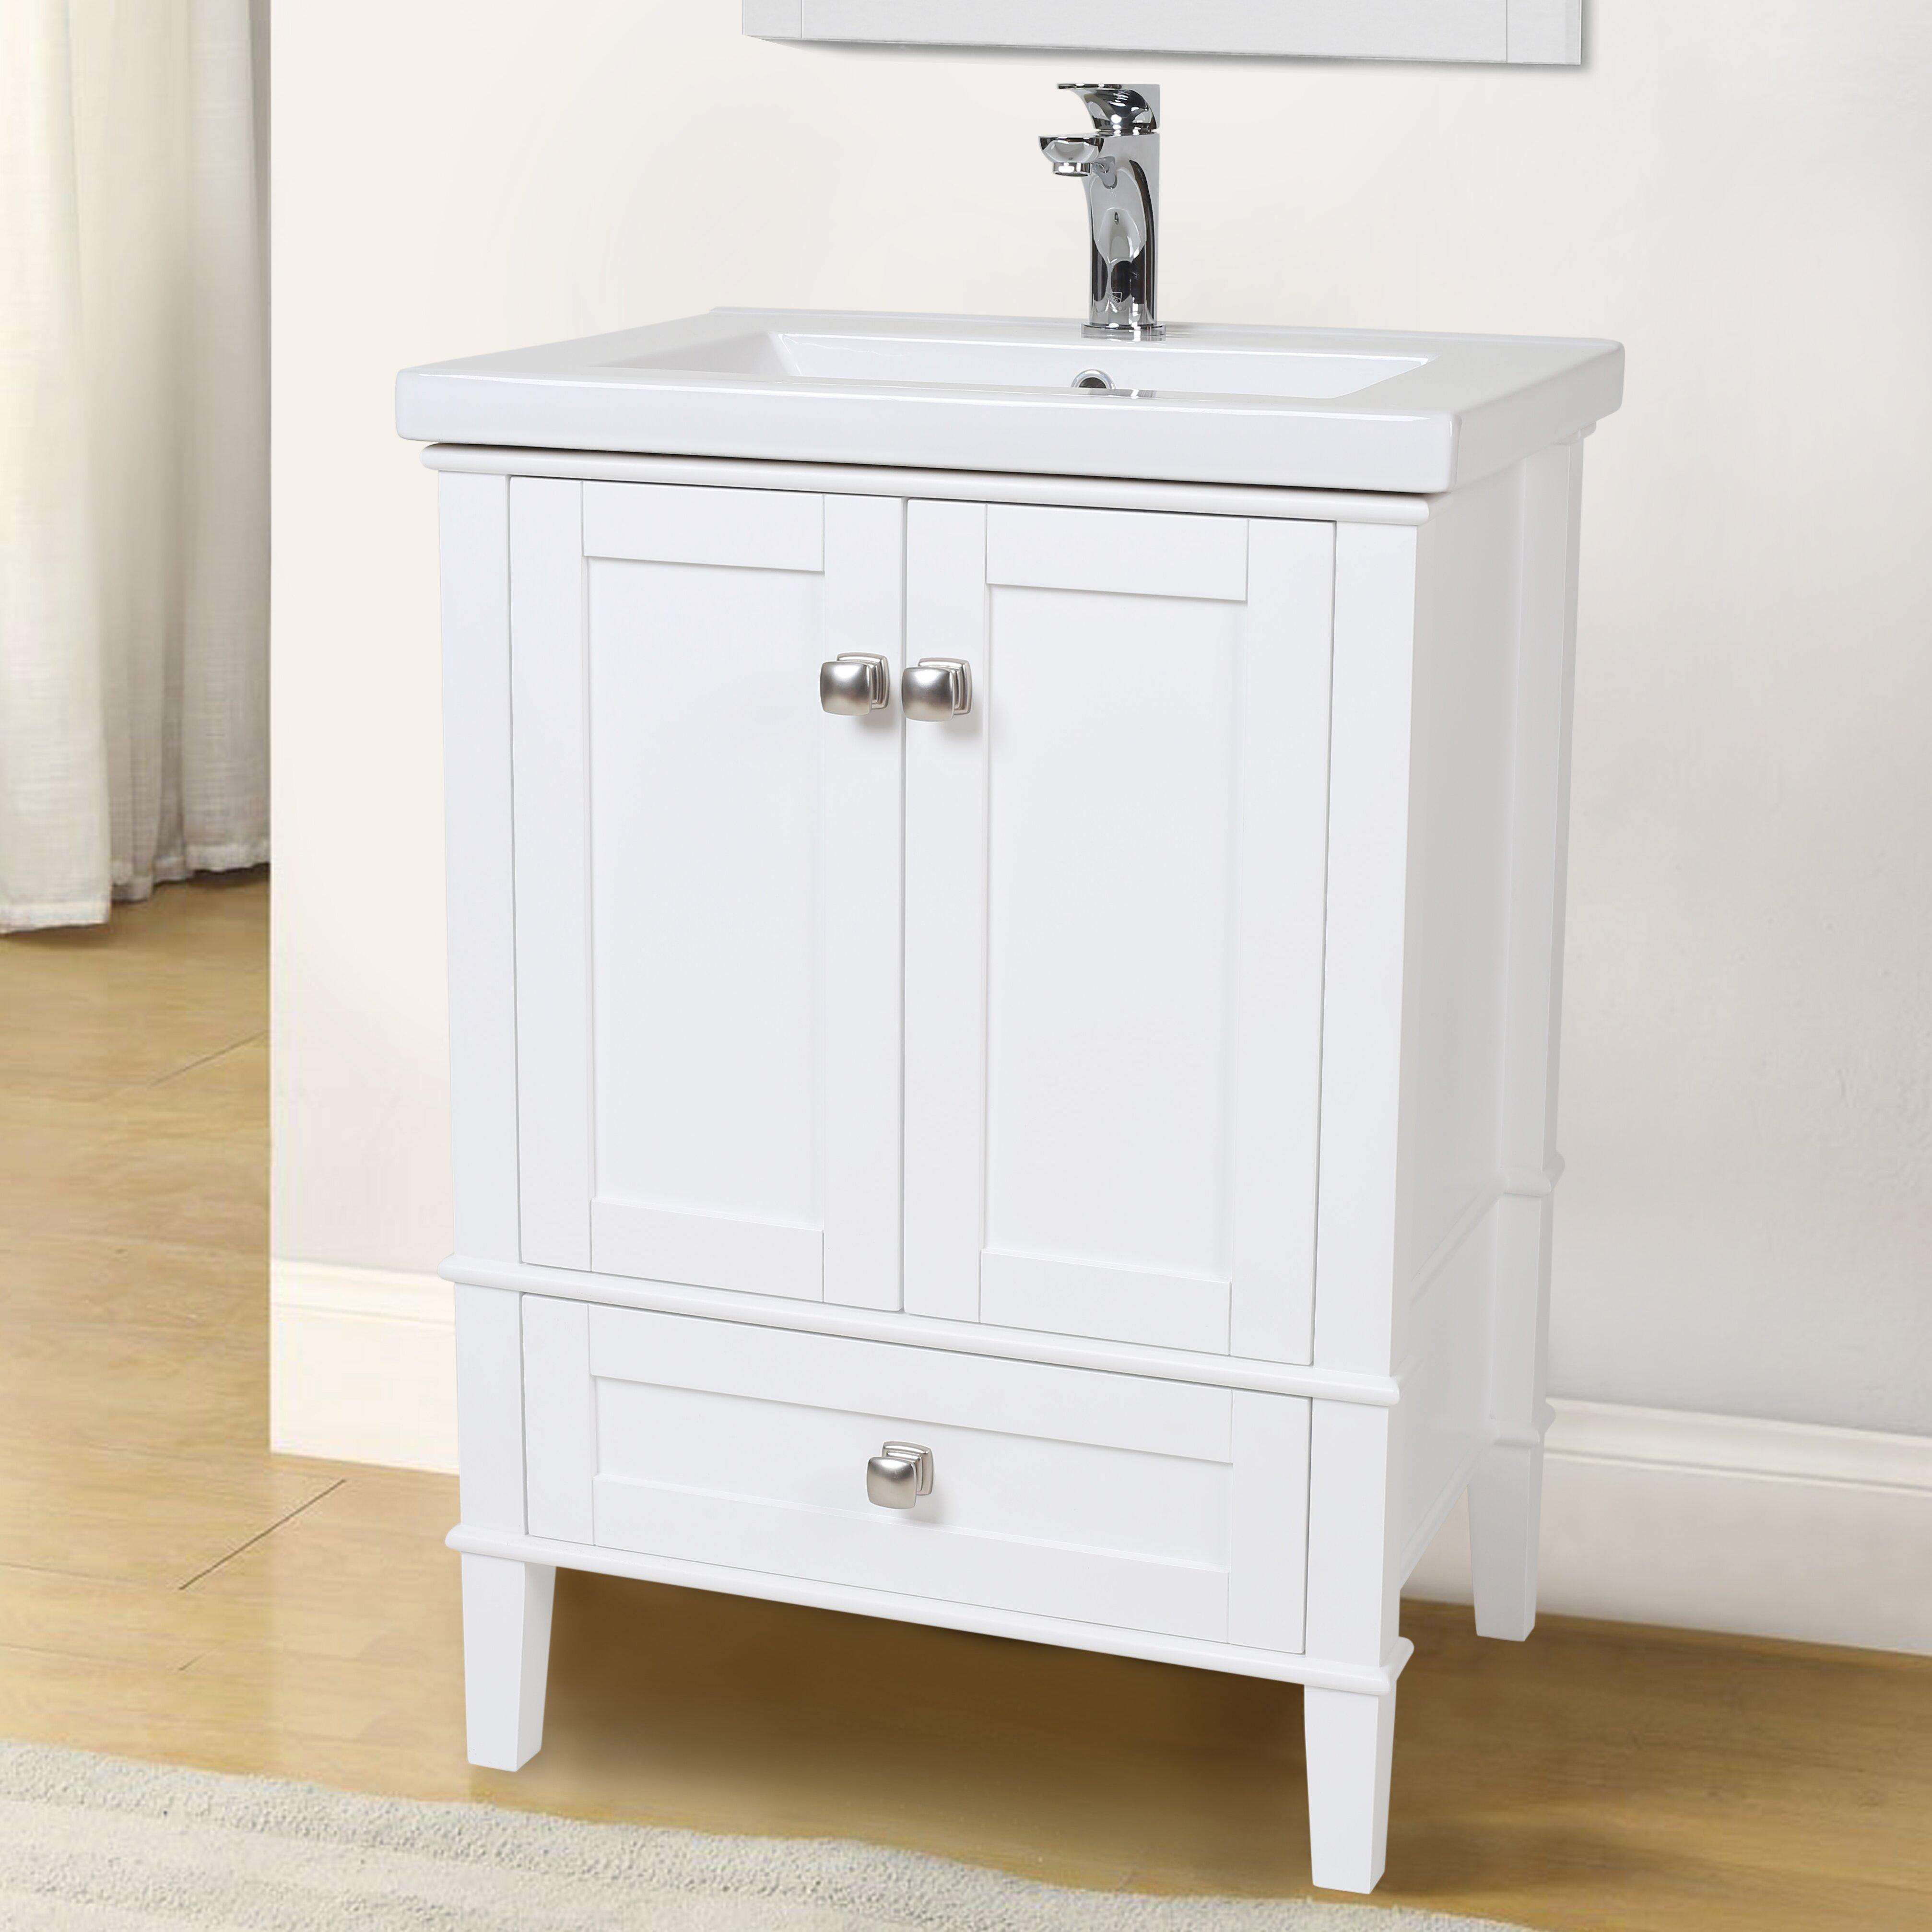 Bathroom Vanity Set Elegant Lighting Danville 24 Single Bathroom Vanity Set Reviews